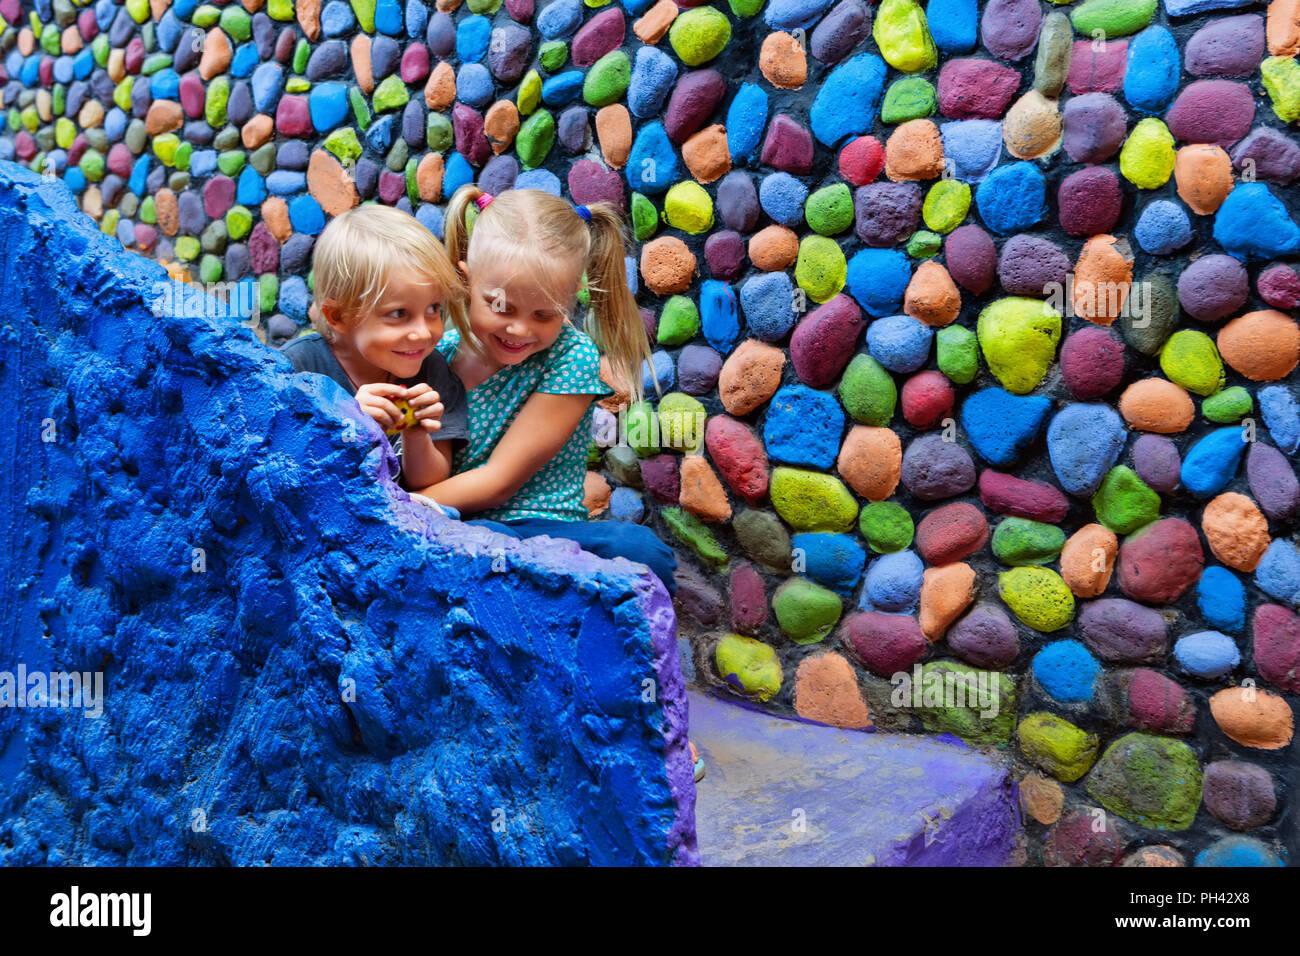 Deux enfants heureux s'amusent ensemble assis dehors sur les marches en pierre colorée d'accueil. Playful girl hug rire jeune frère. Vie de voyage, randonnée pédestre ci Photo Stock